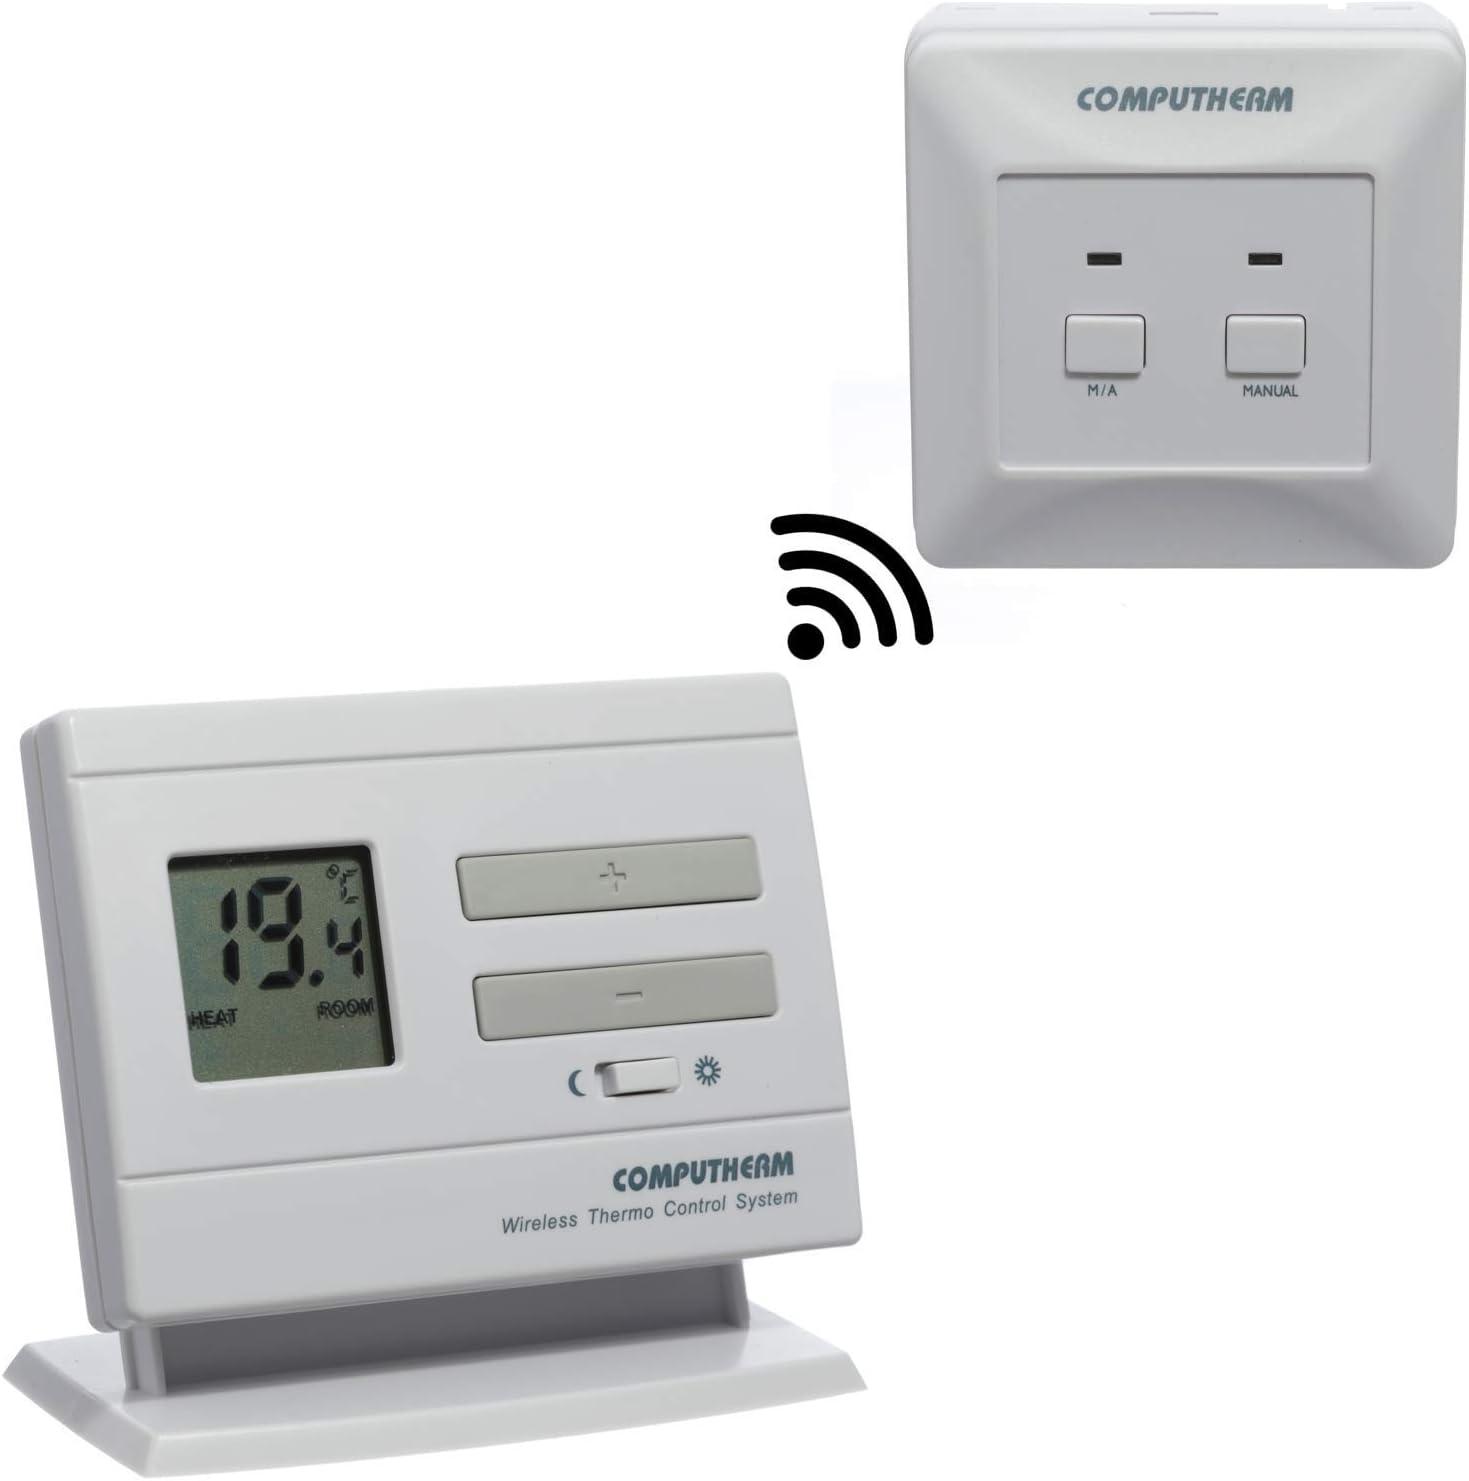 COMPUTHERM Q3RF termostato digital inalámbrico inteligente de calderas para interiores, aire acondicionado y suelo radiante con regulador inalámbrico